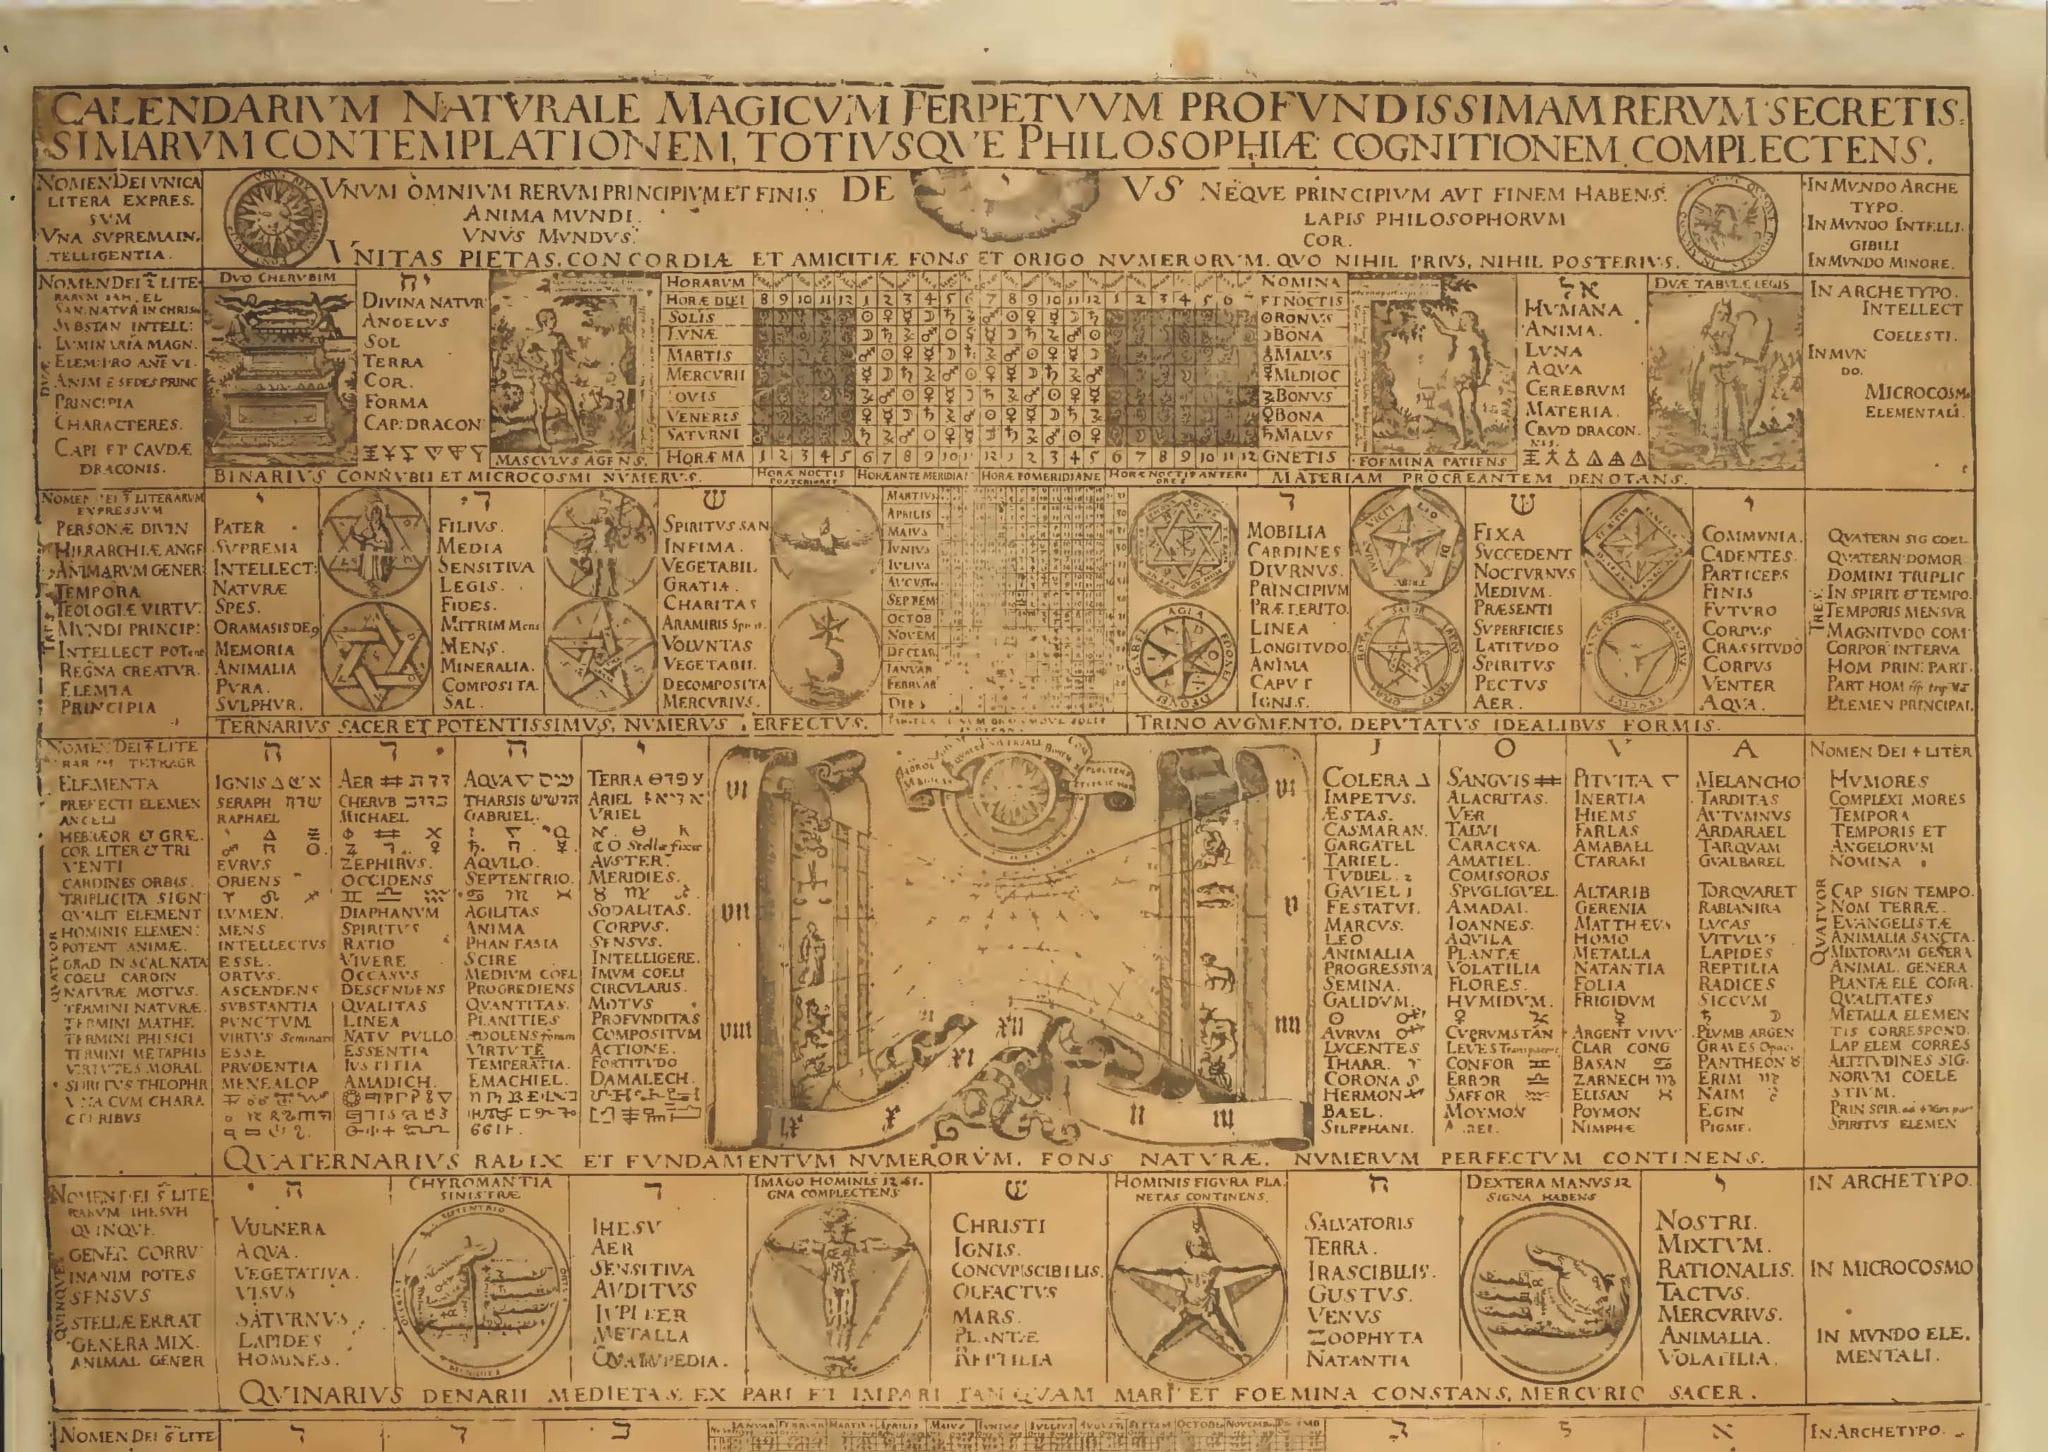 Calendarium naturale magicum Planche 1